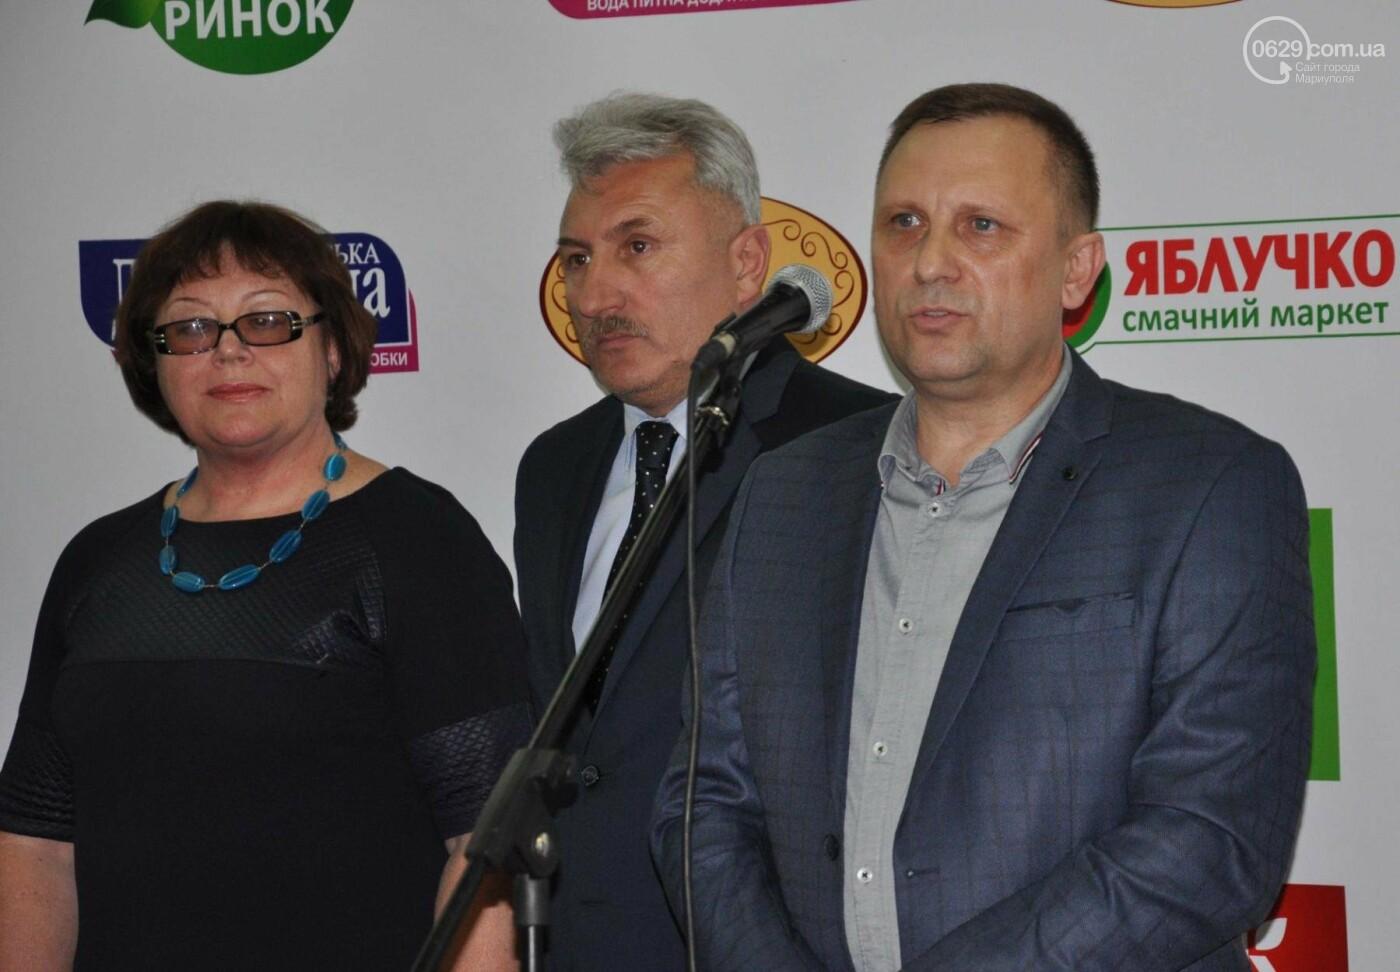 Юрий Тернавский: «Мариупольцам - мариупольскую продукцию», фото-7